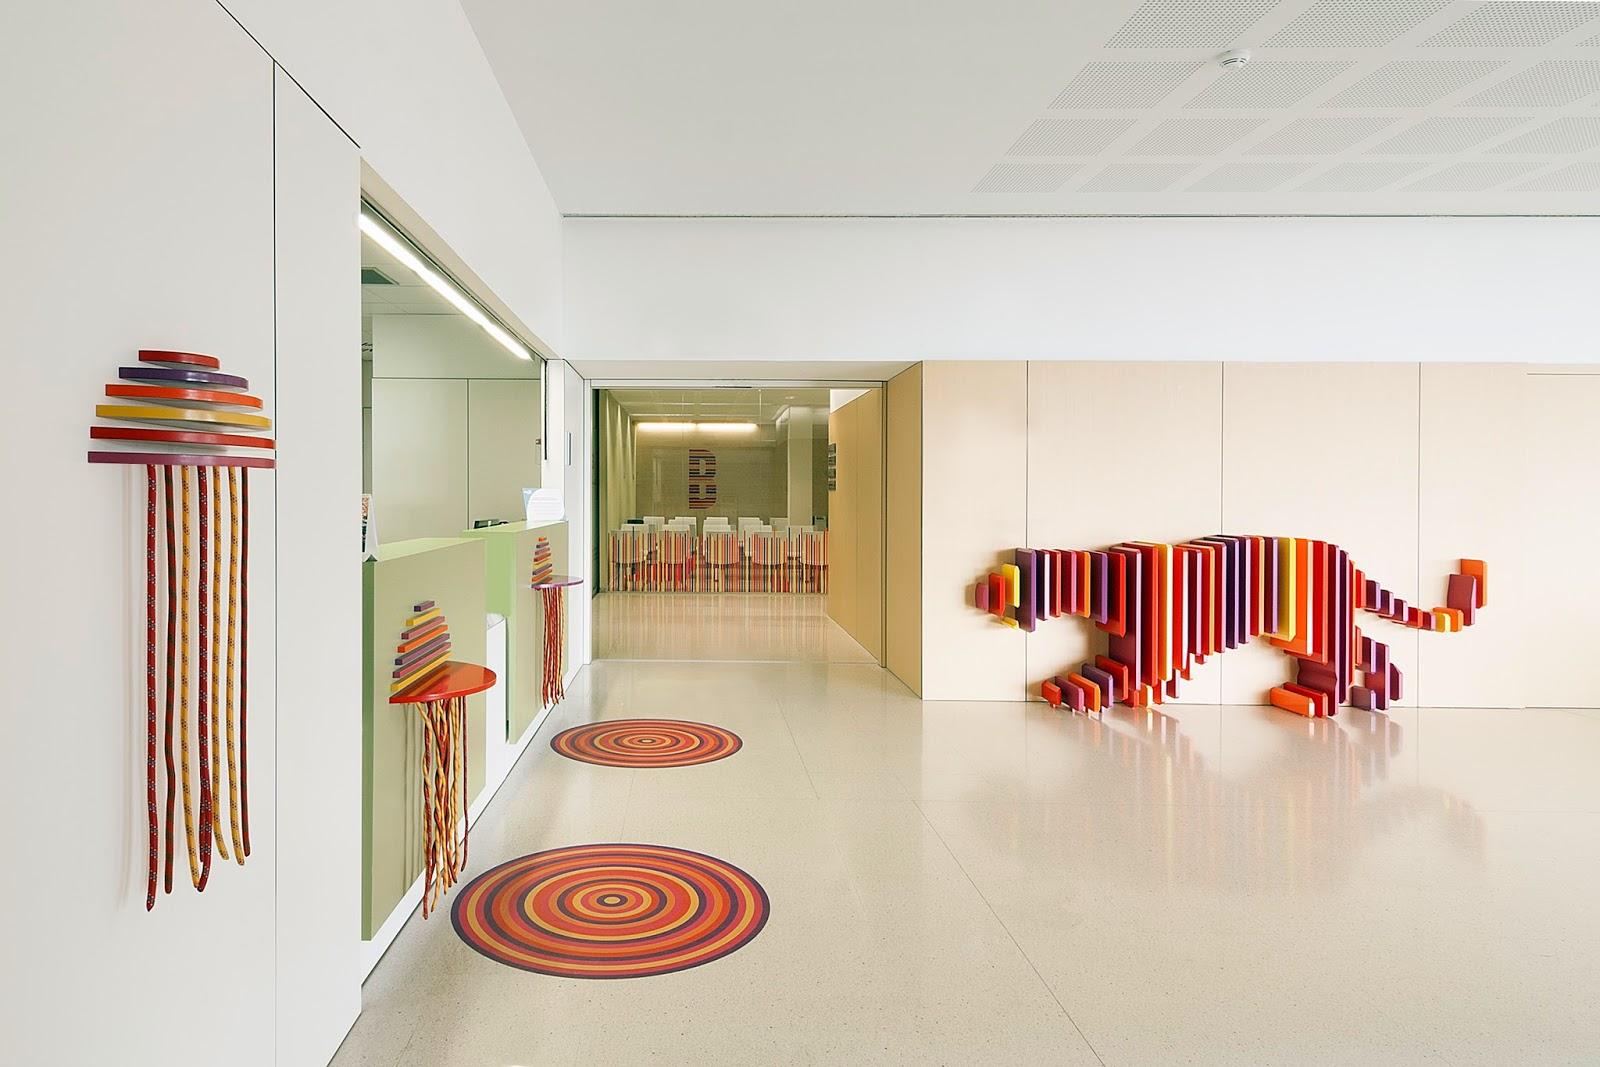 El escondite de los animales archkids arquitectura para - Disenador de espacios ...